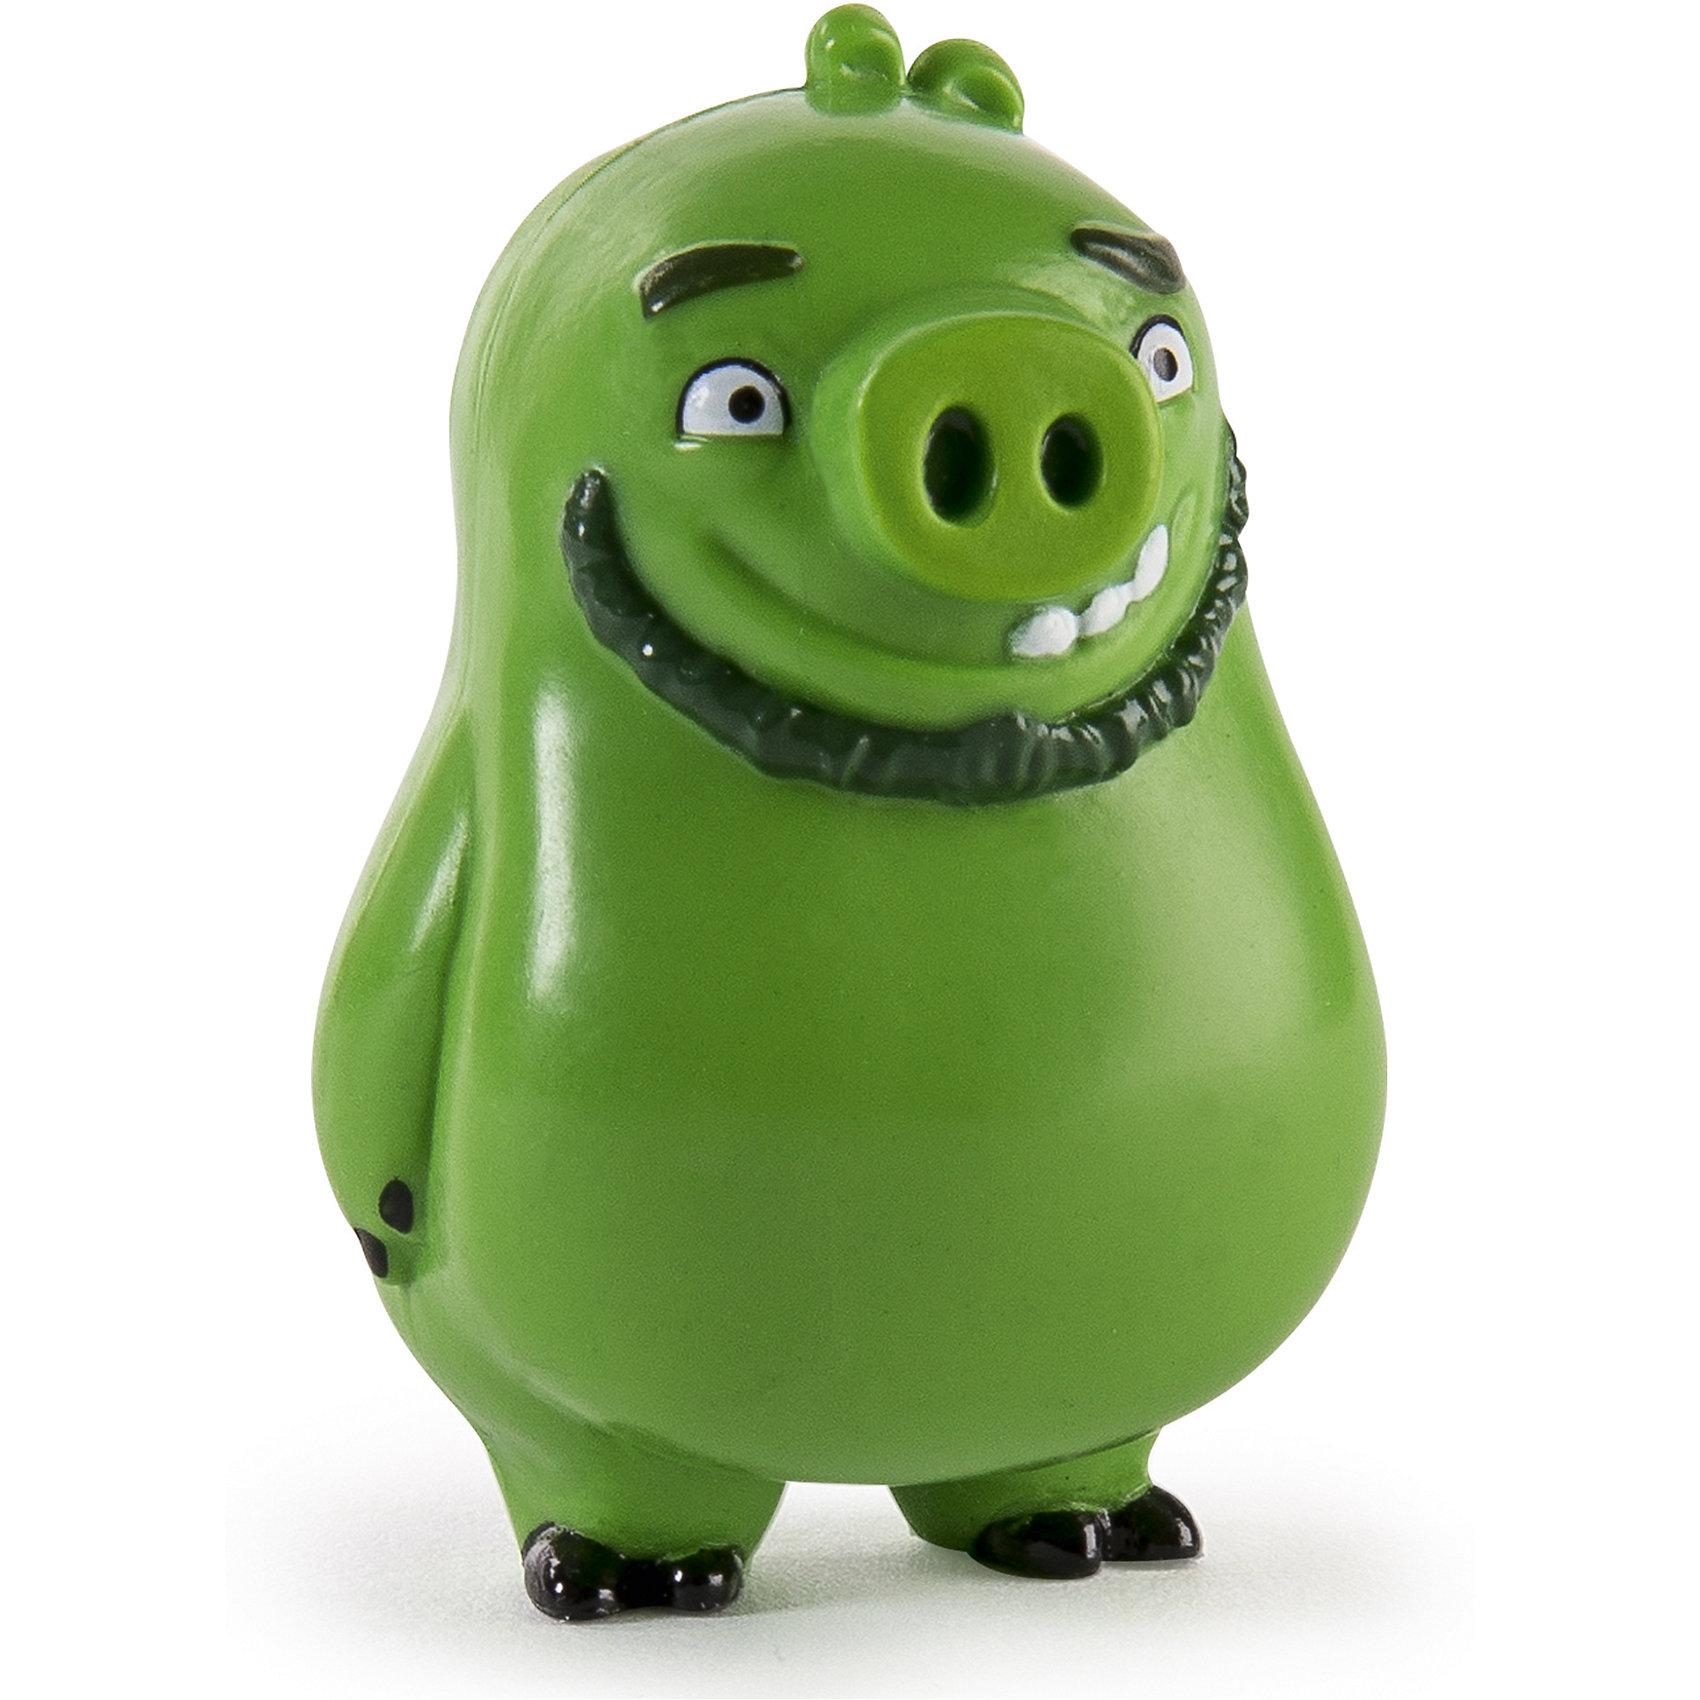 Коллекционная фигурка Леонард, Angry BirdsAngry Birds Игры и игрушки<br>Характеристики товара:<br><br>• материал: пластик<br>• высота: 5 см<br>• вес: 20 г<br>• размер упаковки: 13х5х12 см<br>• хорошая детализация<br>• качественные безопасные краски<br>• возраст: от 4 лет<br>• страна бренда: Канада<br><br>Эта фигурка станет отличным подарком для маленького любителя мультфильма и игры «Angry Birds». Она отлично проработана, качественные краски стойкие и безопасные для ребенка.<br><br>Коллекционную фигурку Свинья, Angry Birds, от бренда Spin Master можно купить в нашем интернет-магазине.<br><br>Ширина мм: 131<br>Глубина мм: 123<br>Высота мм: 45<br>Вес г: 23<br>Возраст от месяцев: 48<br>Возраст до месяцев: 96<br>Пол: Унисекс<br>Возраст: Детский<br>SKU: 5471892